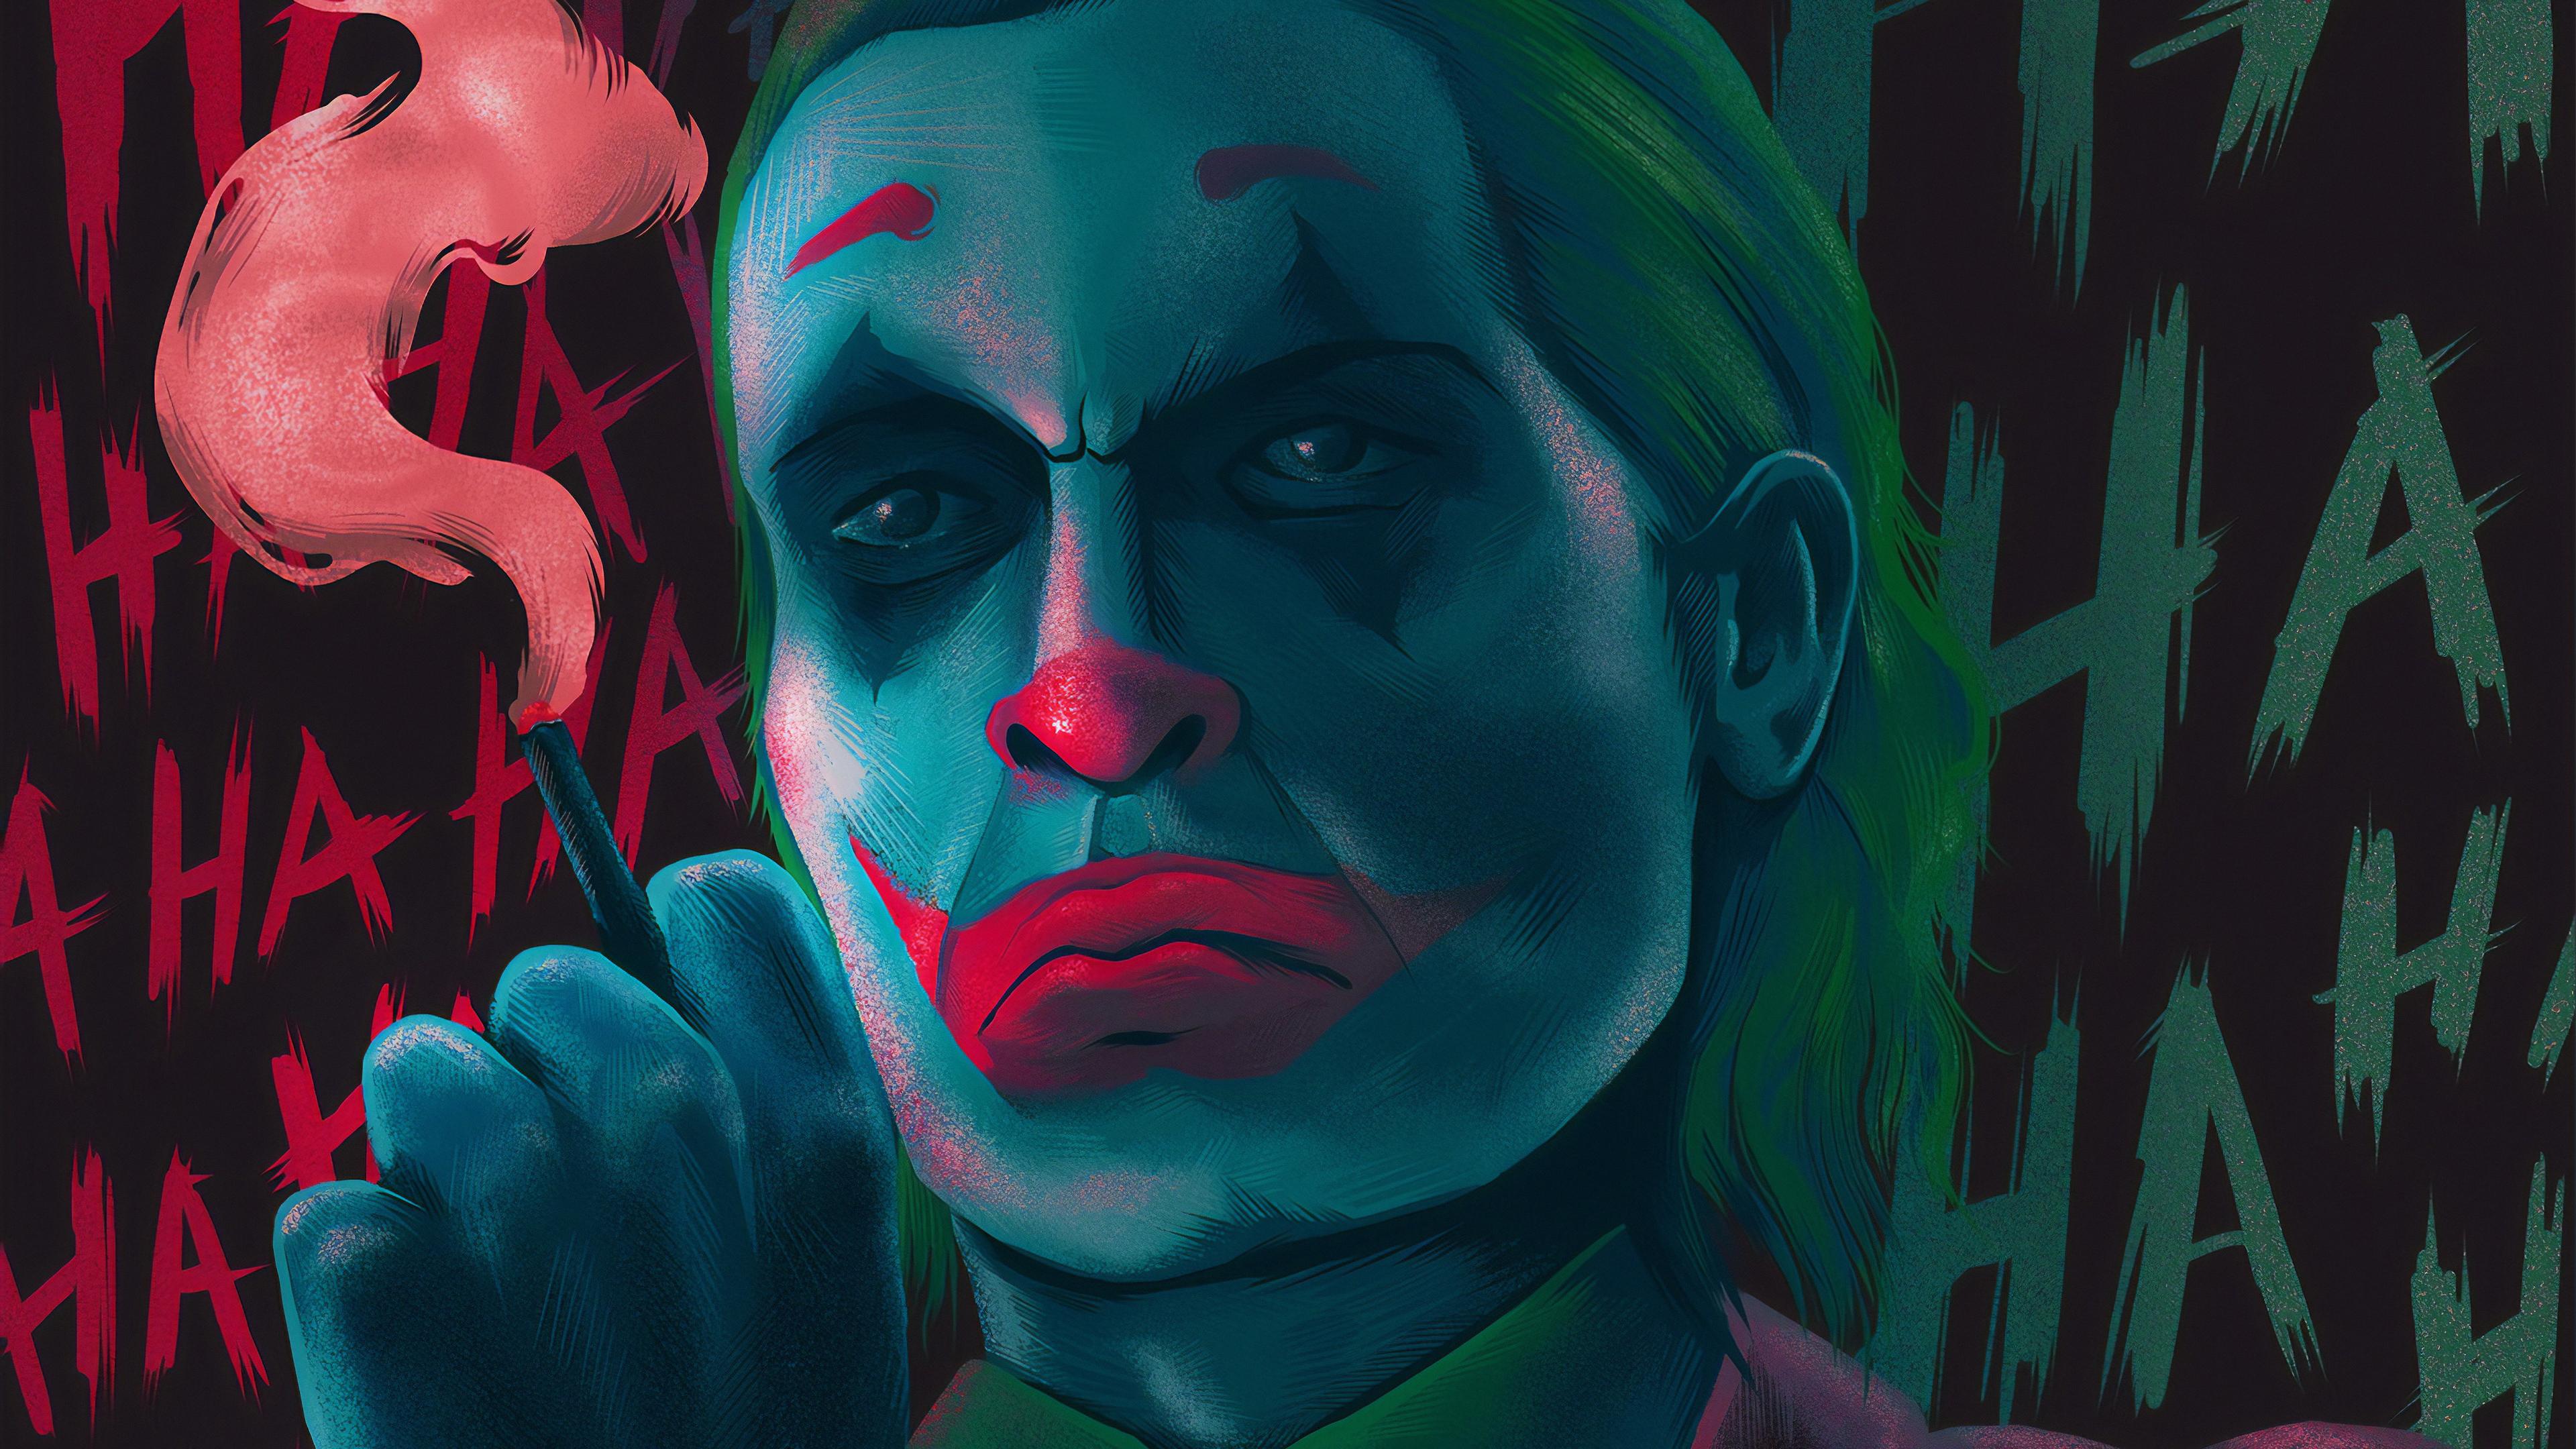 Wallpaper 4k Joker 2019 4k Wallpapers Hd Wallpapers Joker